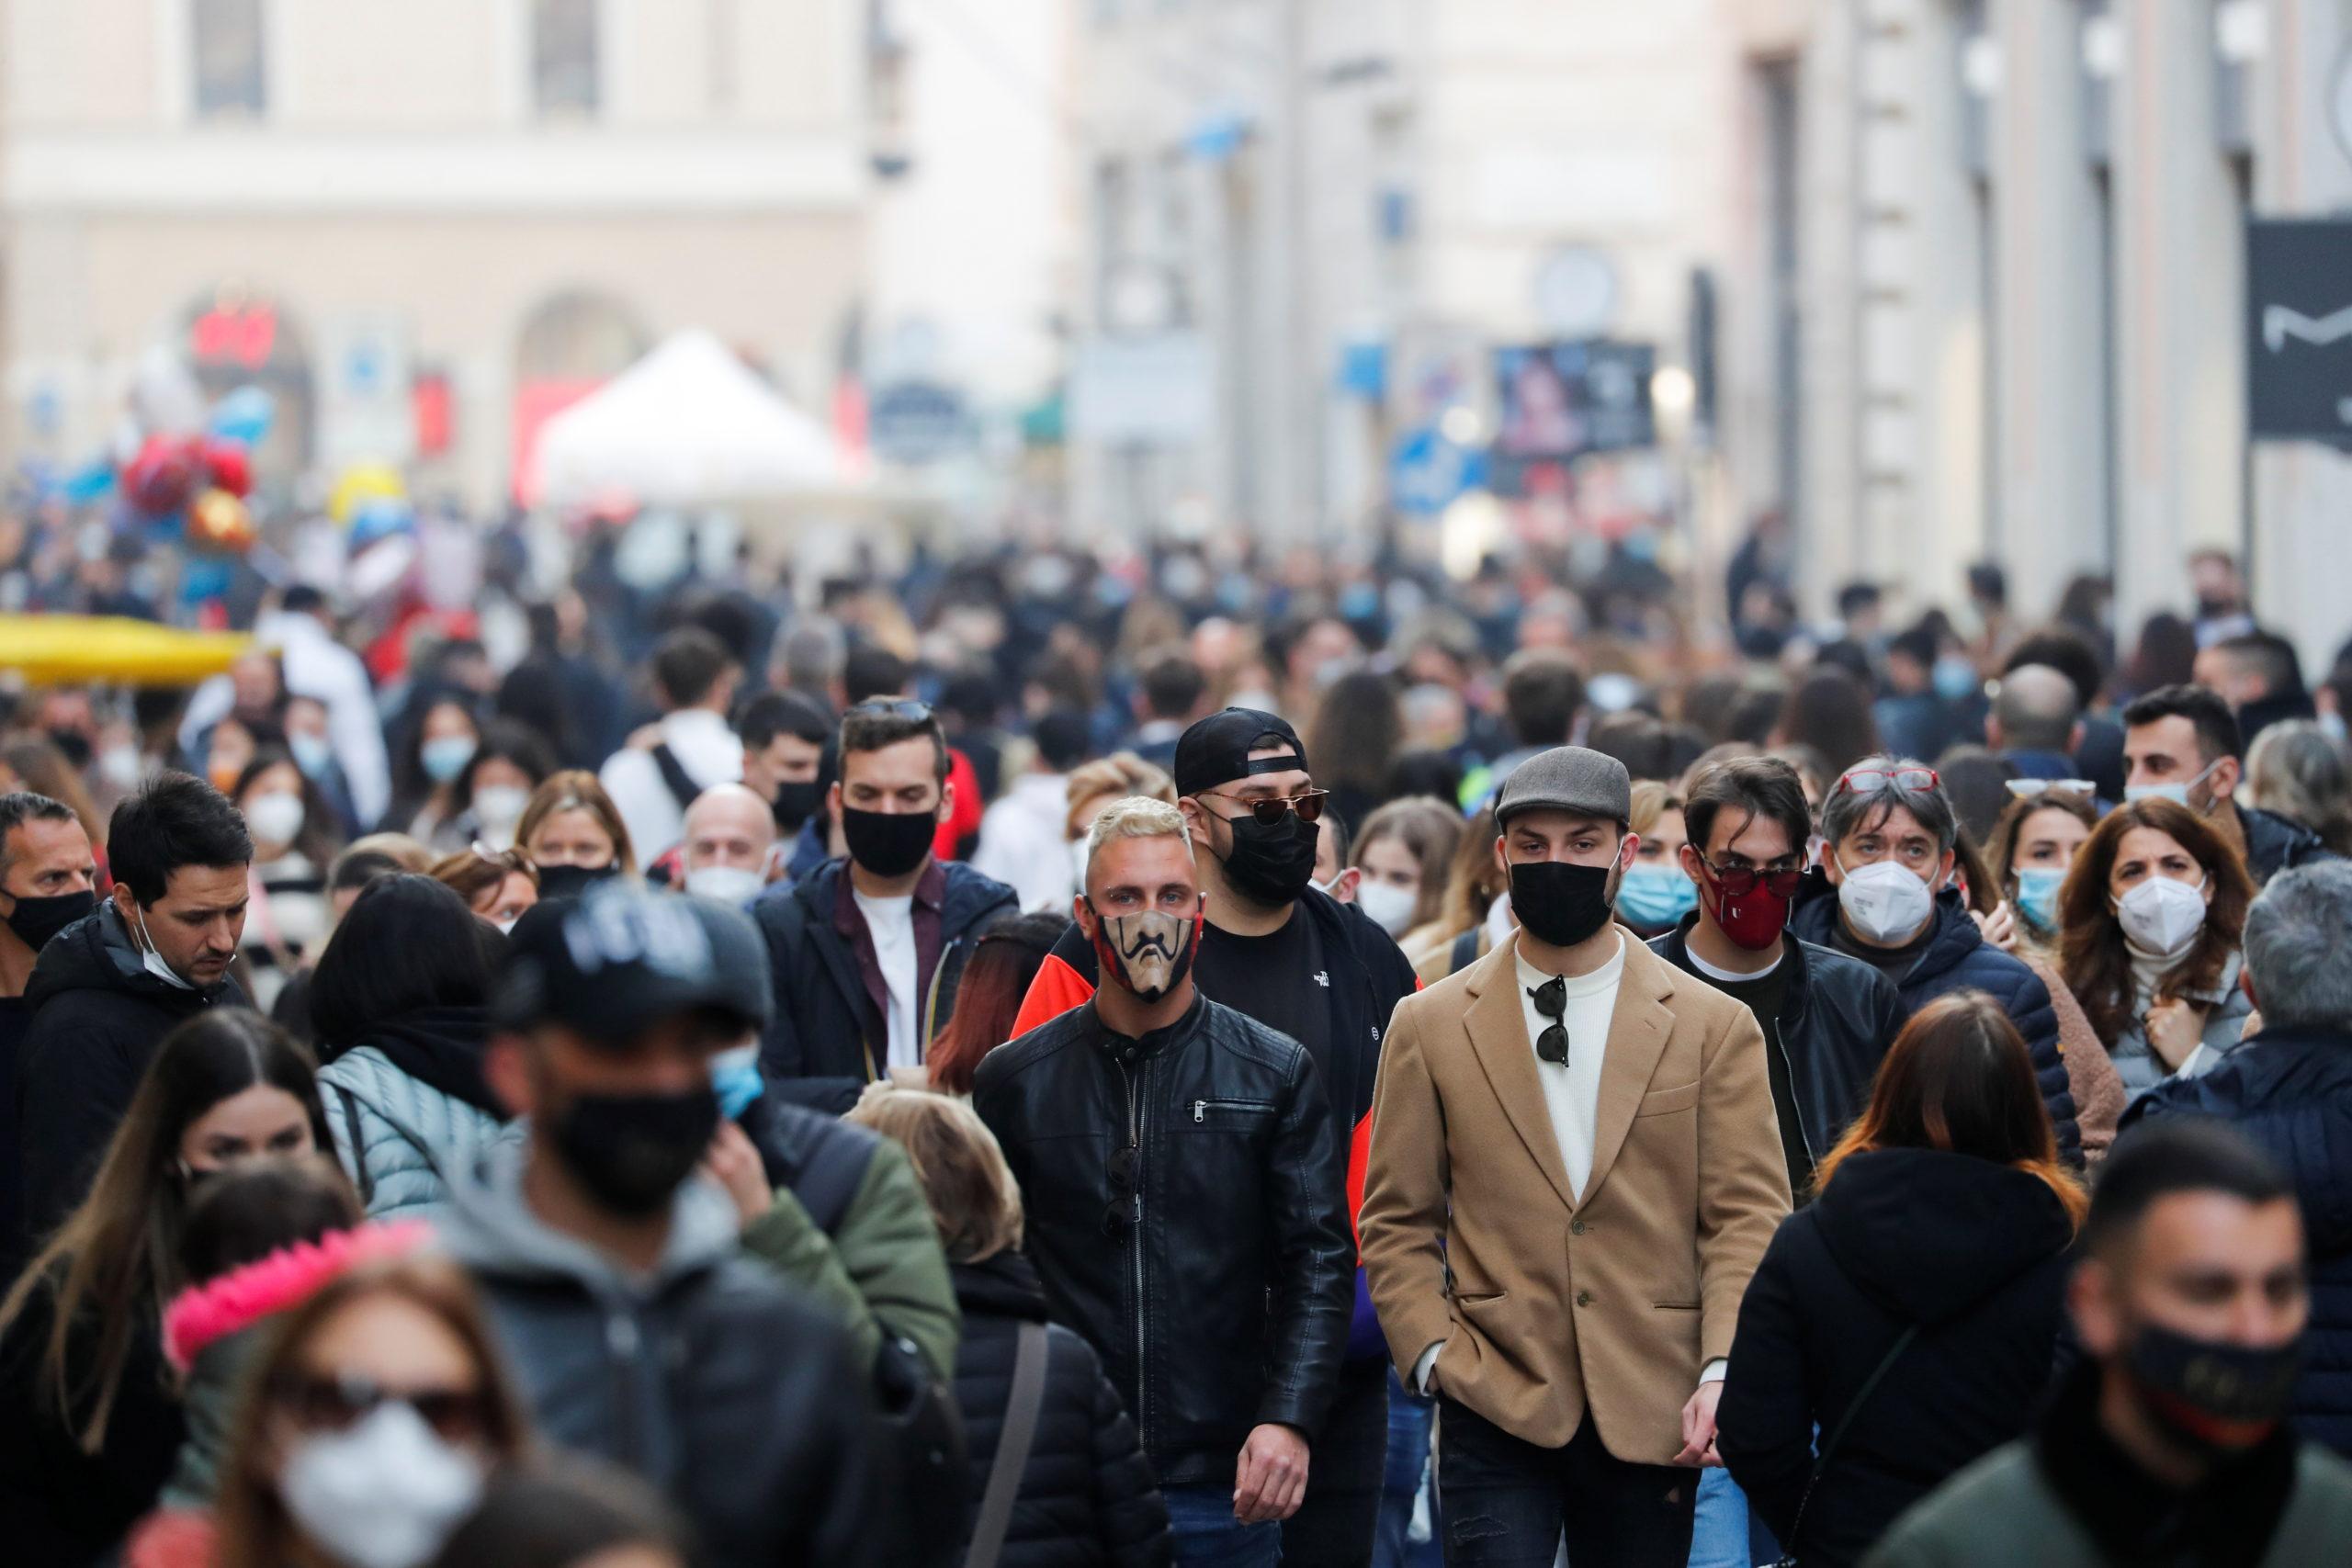 L'Italie a enregistré 280 morts et 18.916 nouveaux cas